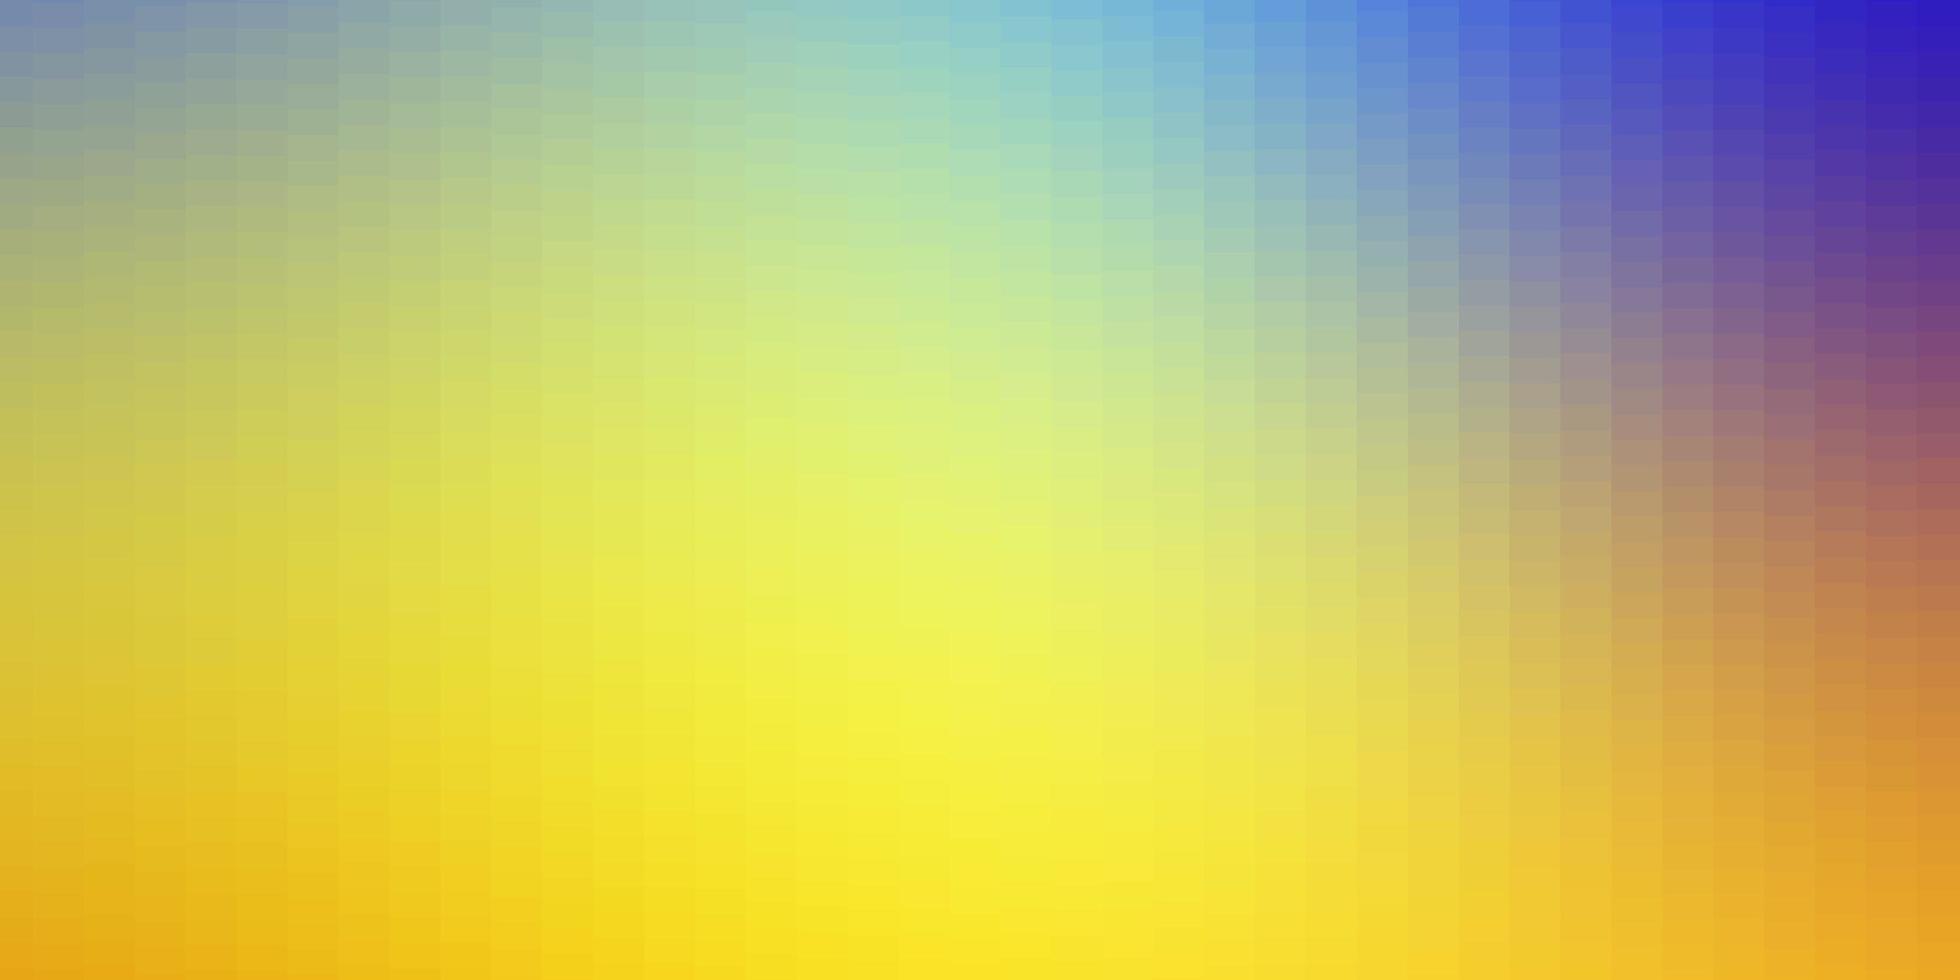 modelo de vetor azul e amarelo claro com retângulos.